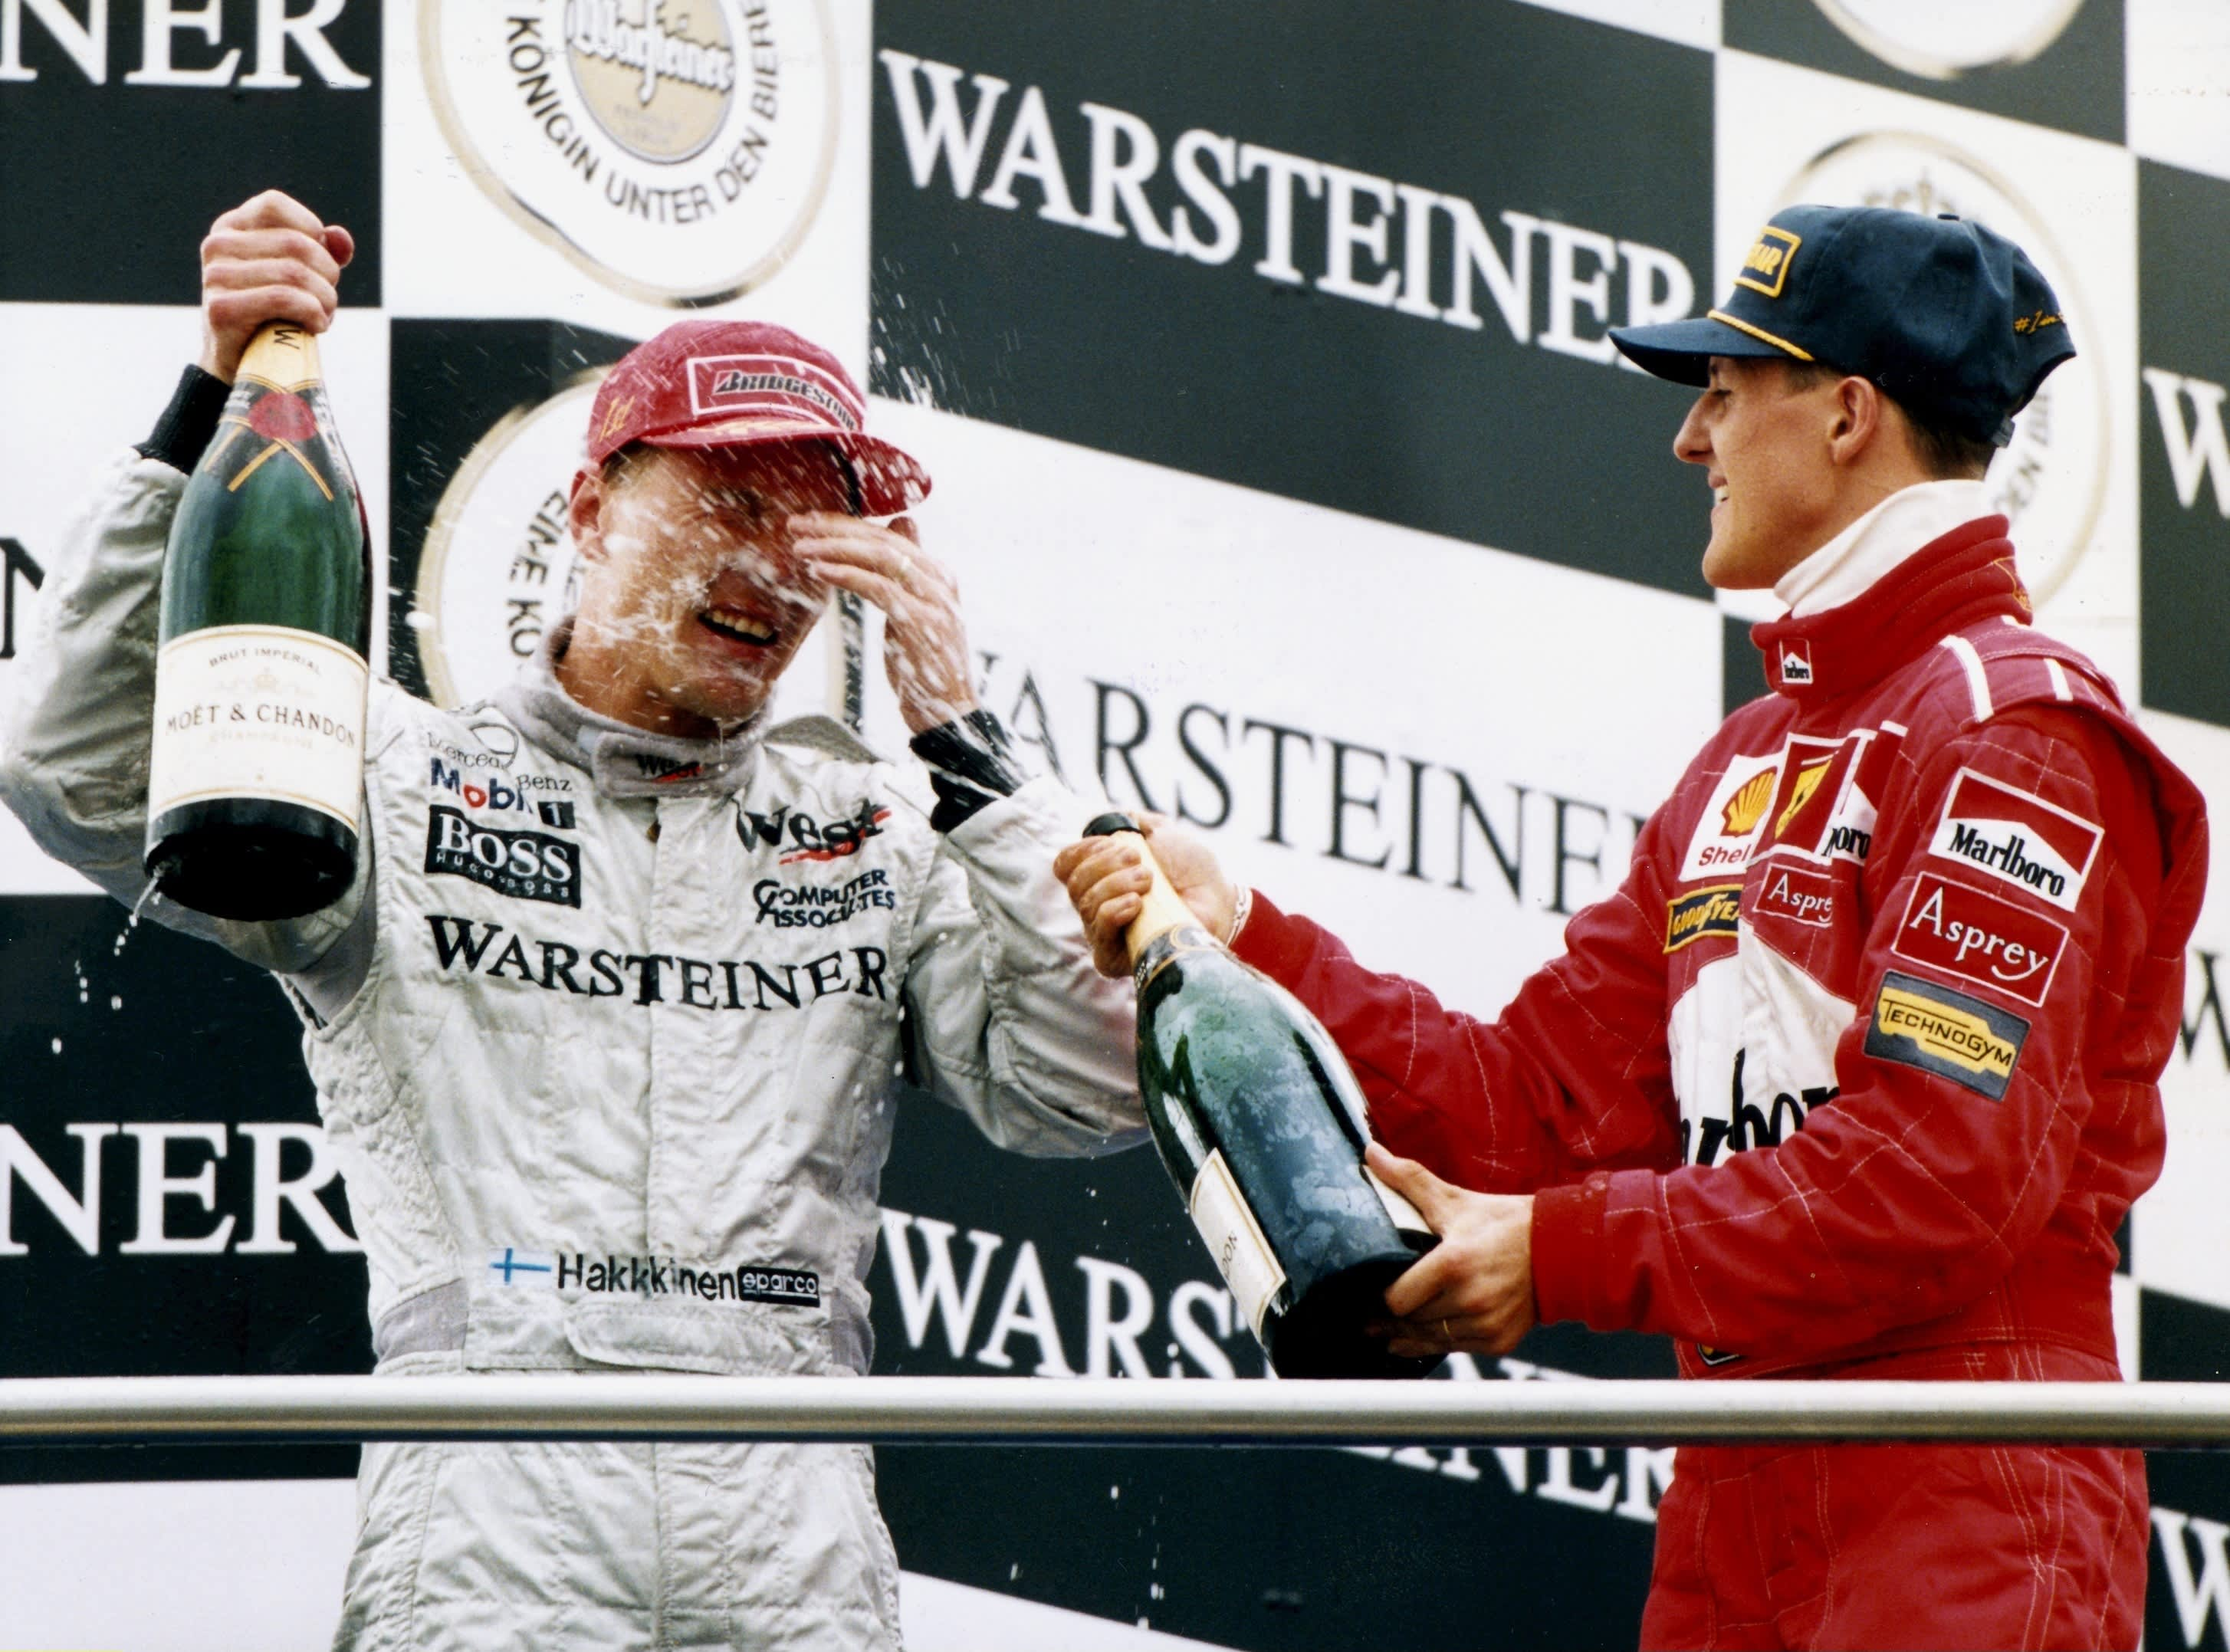 Mika Häkkinen kukisti Michael Schumacherin tiukassa F1-mestaruustaistossa kaudella 1998.